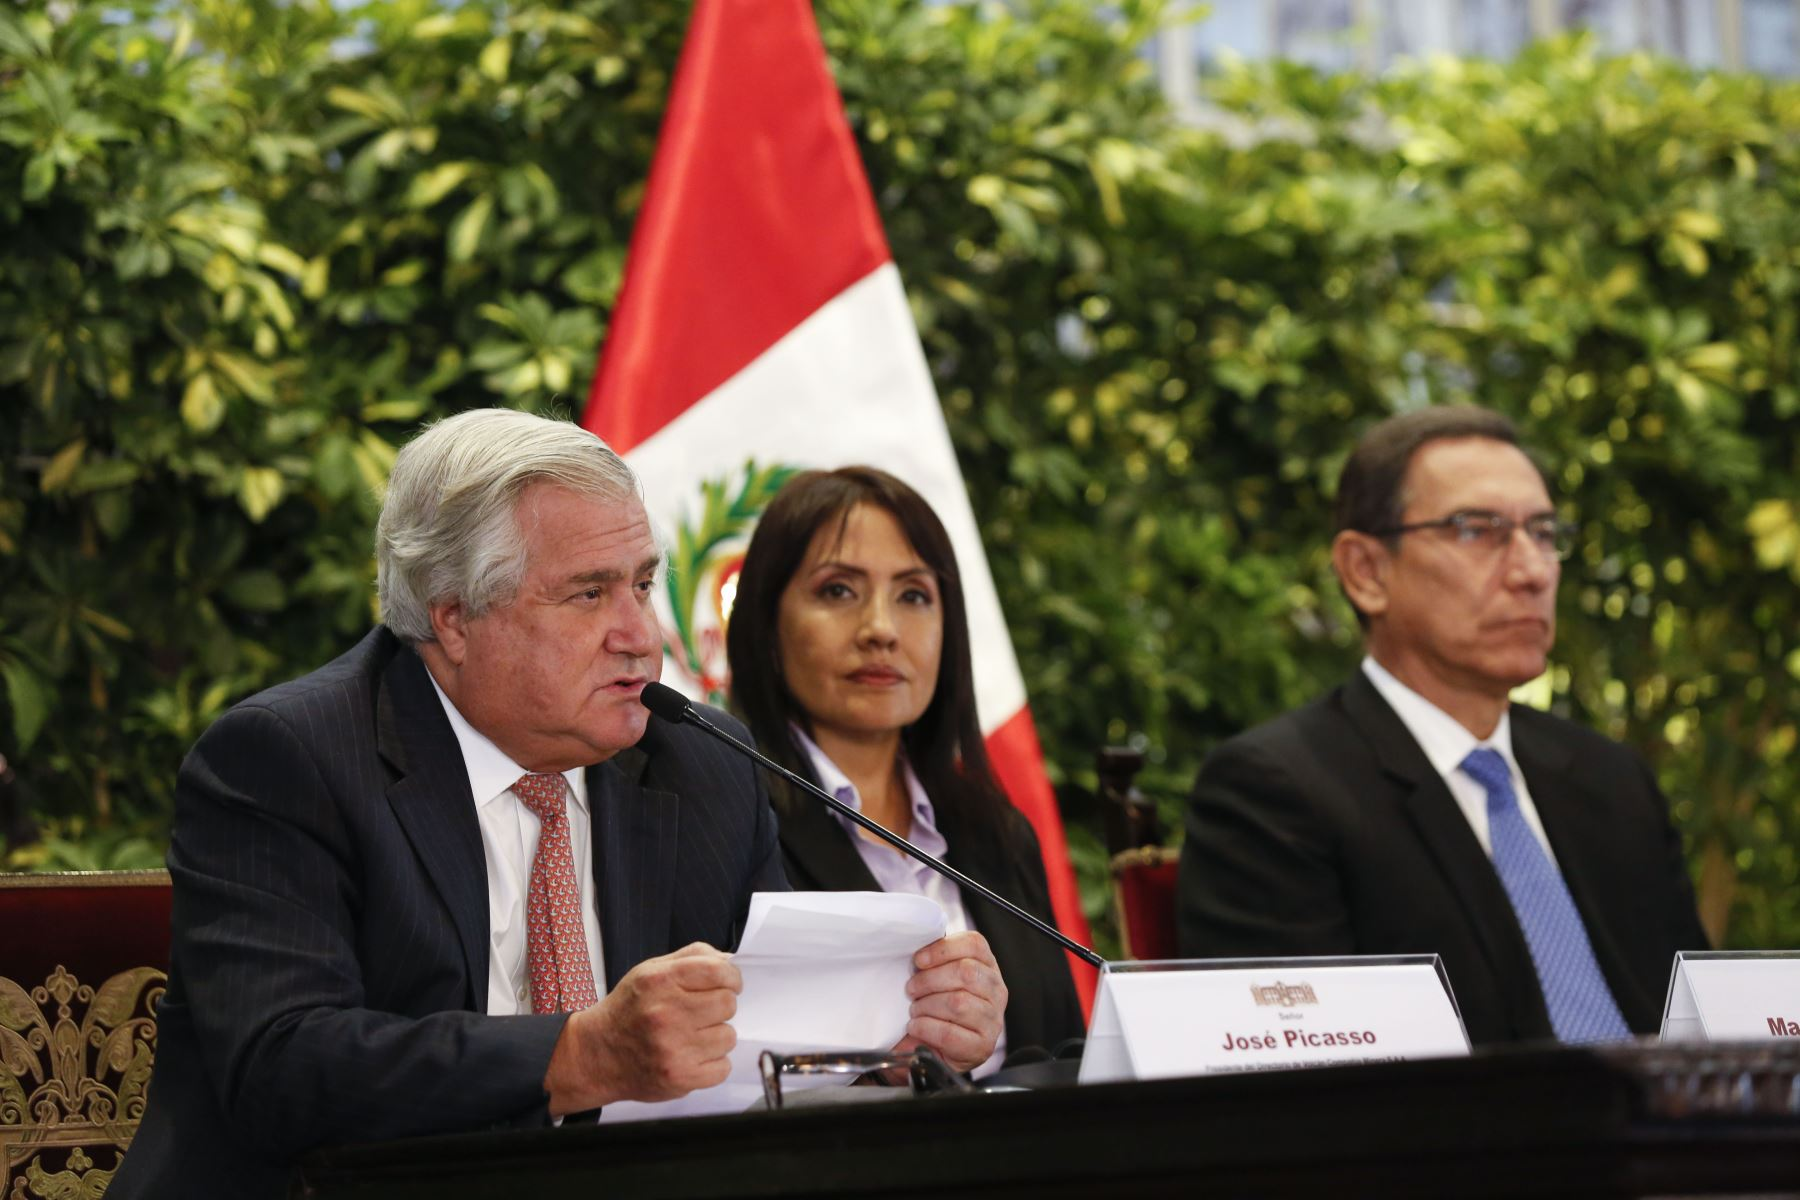 Jefe de Estado preside firma de convenio para la construcción del terminal portuario multipropósito de Chancay. Foto: ANDINA/Prensa Presidencia